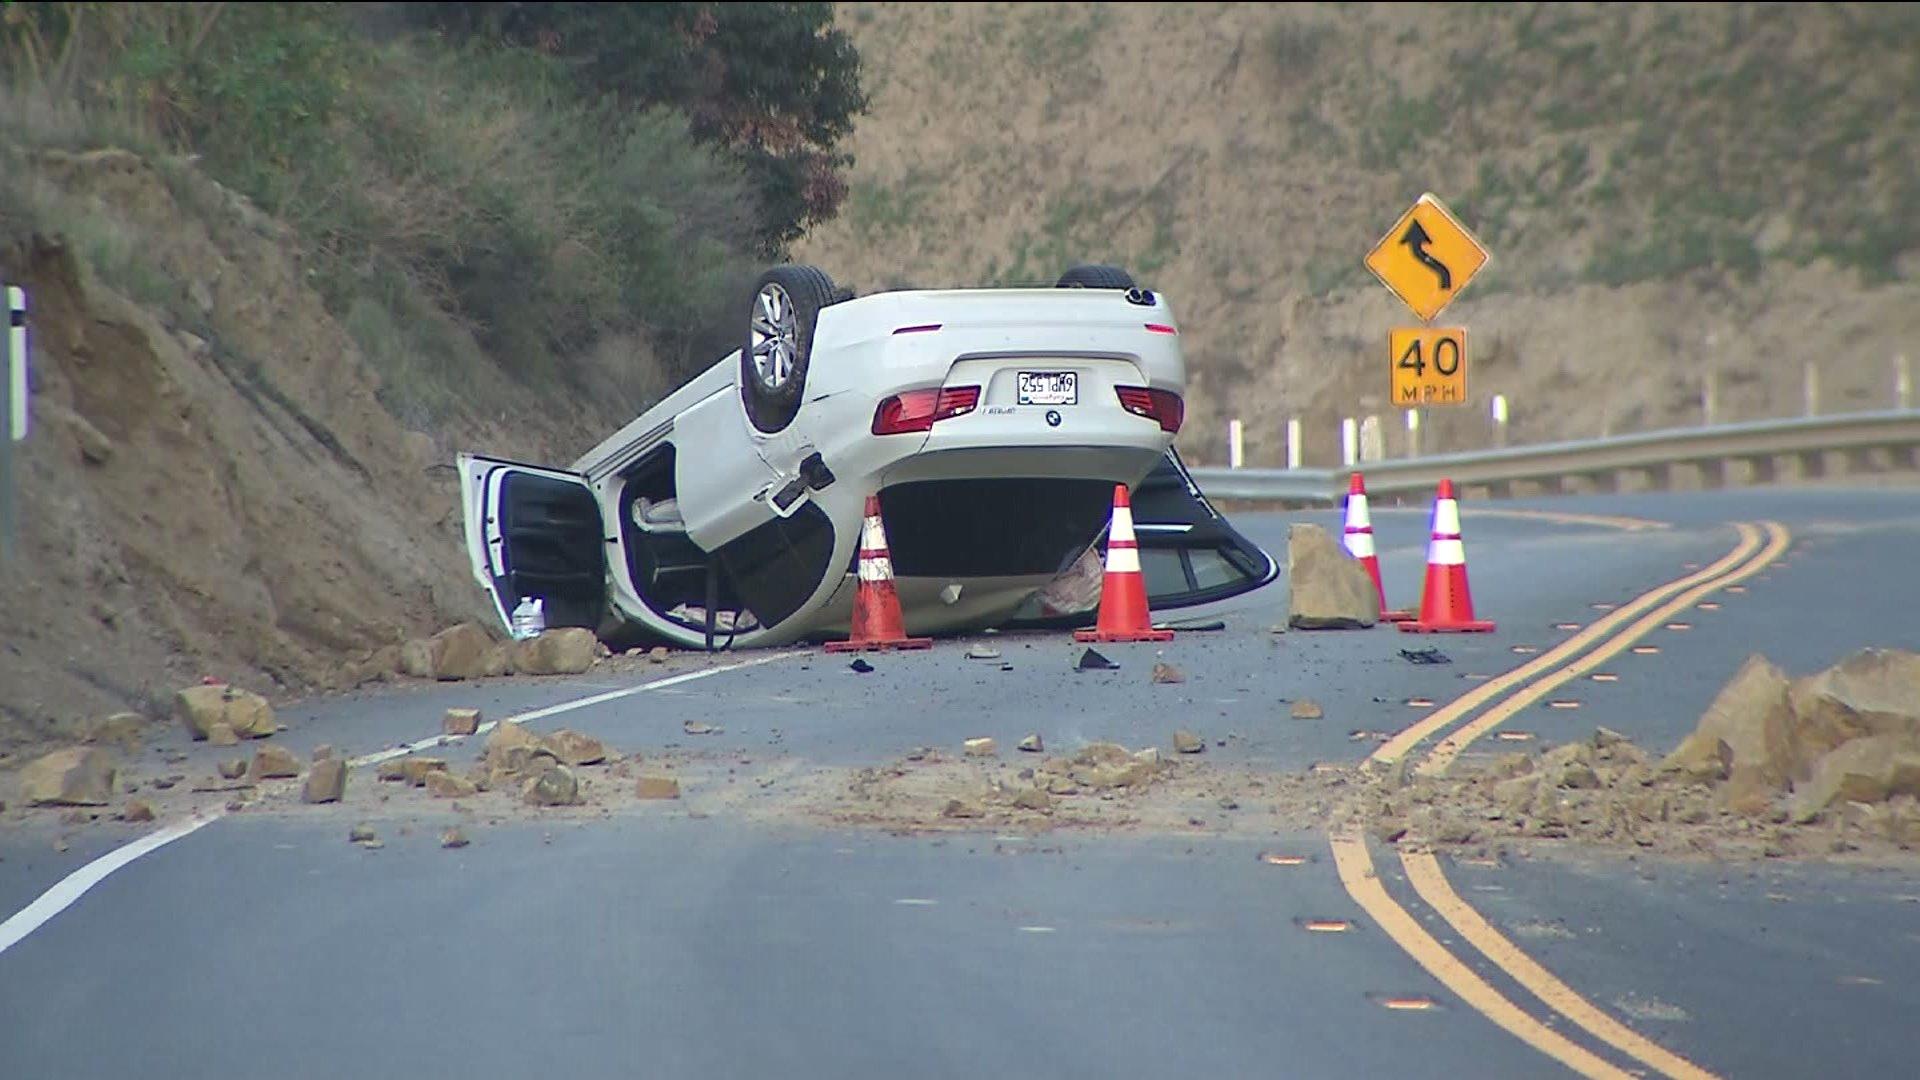 Последствия предыдущего крупного землетрясения впригороде Лос-Анджелеса. Подземные толчки спровоцировали обвал, из-за которого автомобиль перевернулся.